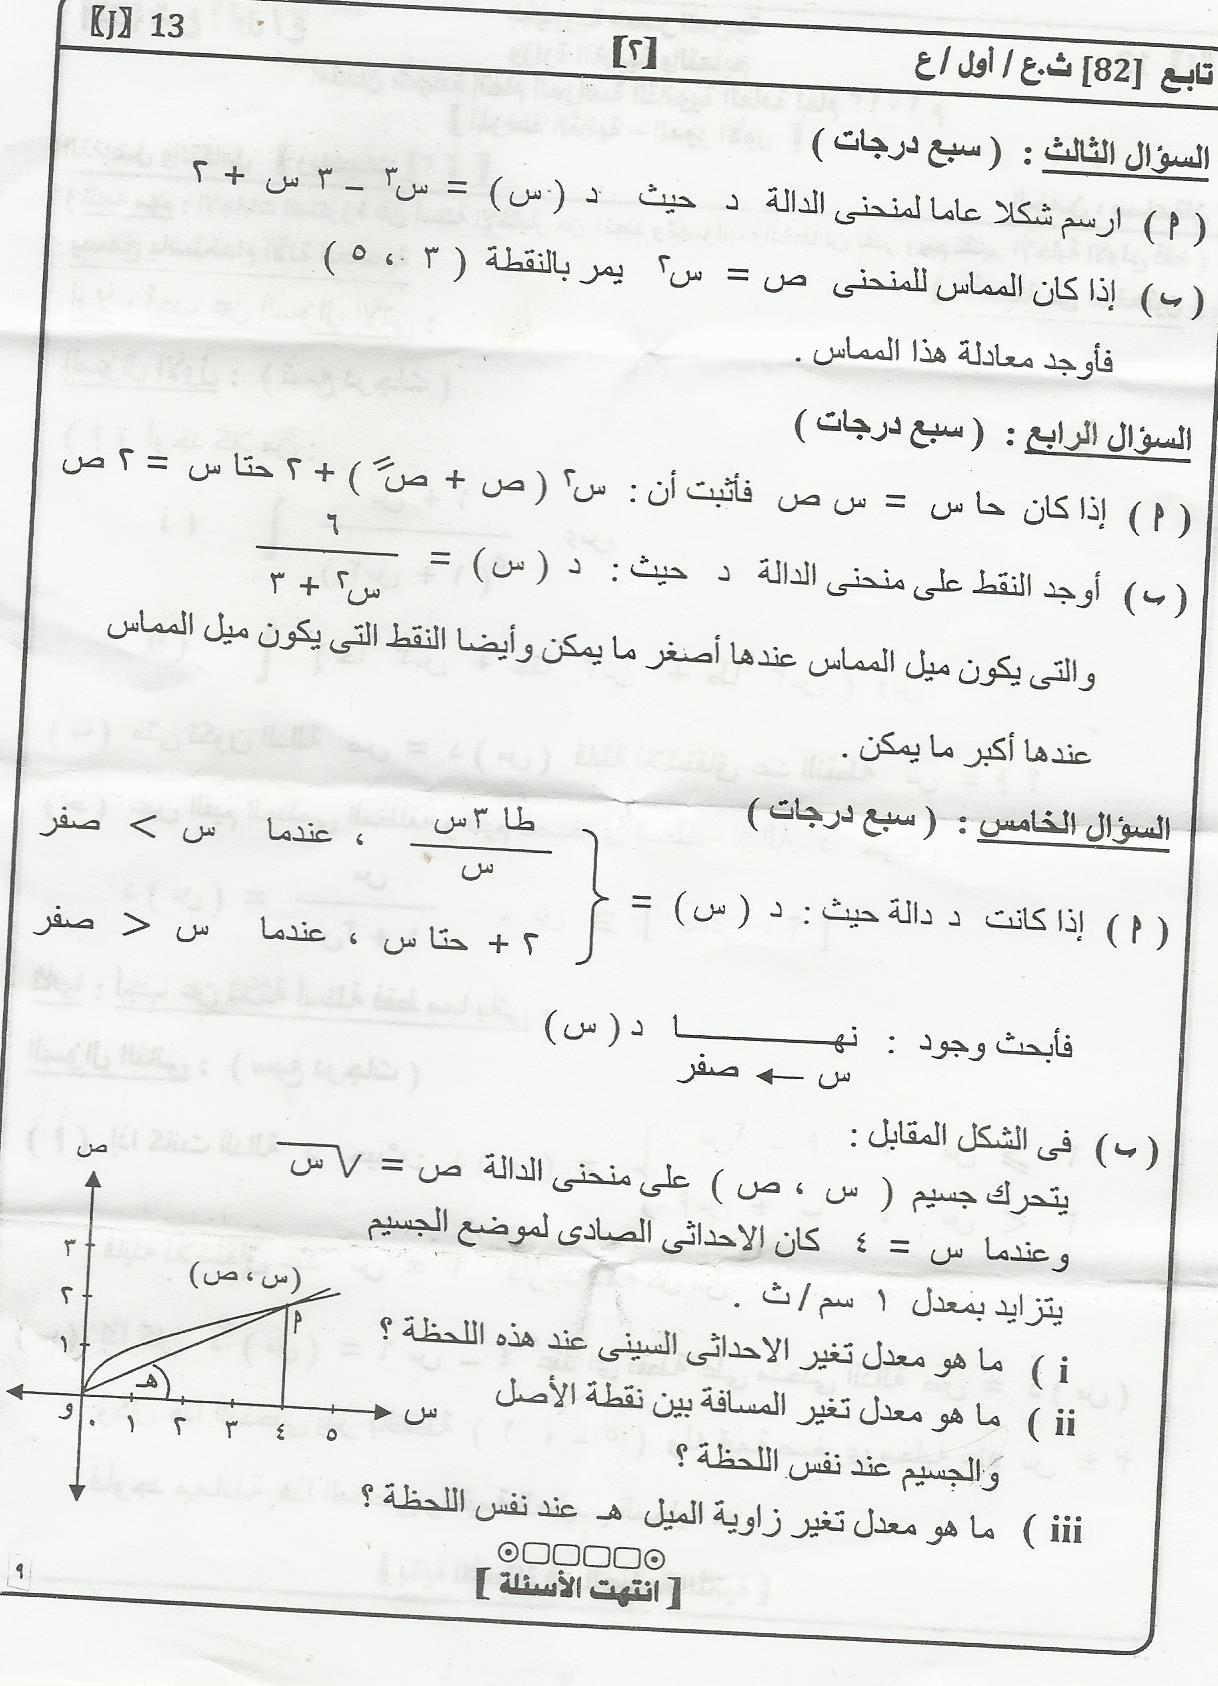 امتحان التفاضل والتكامل للثانوية العامة 2013 والاجابة النموذجية 196321114